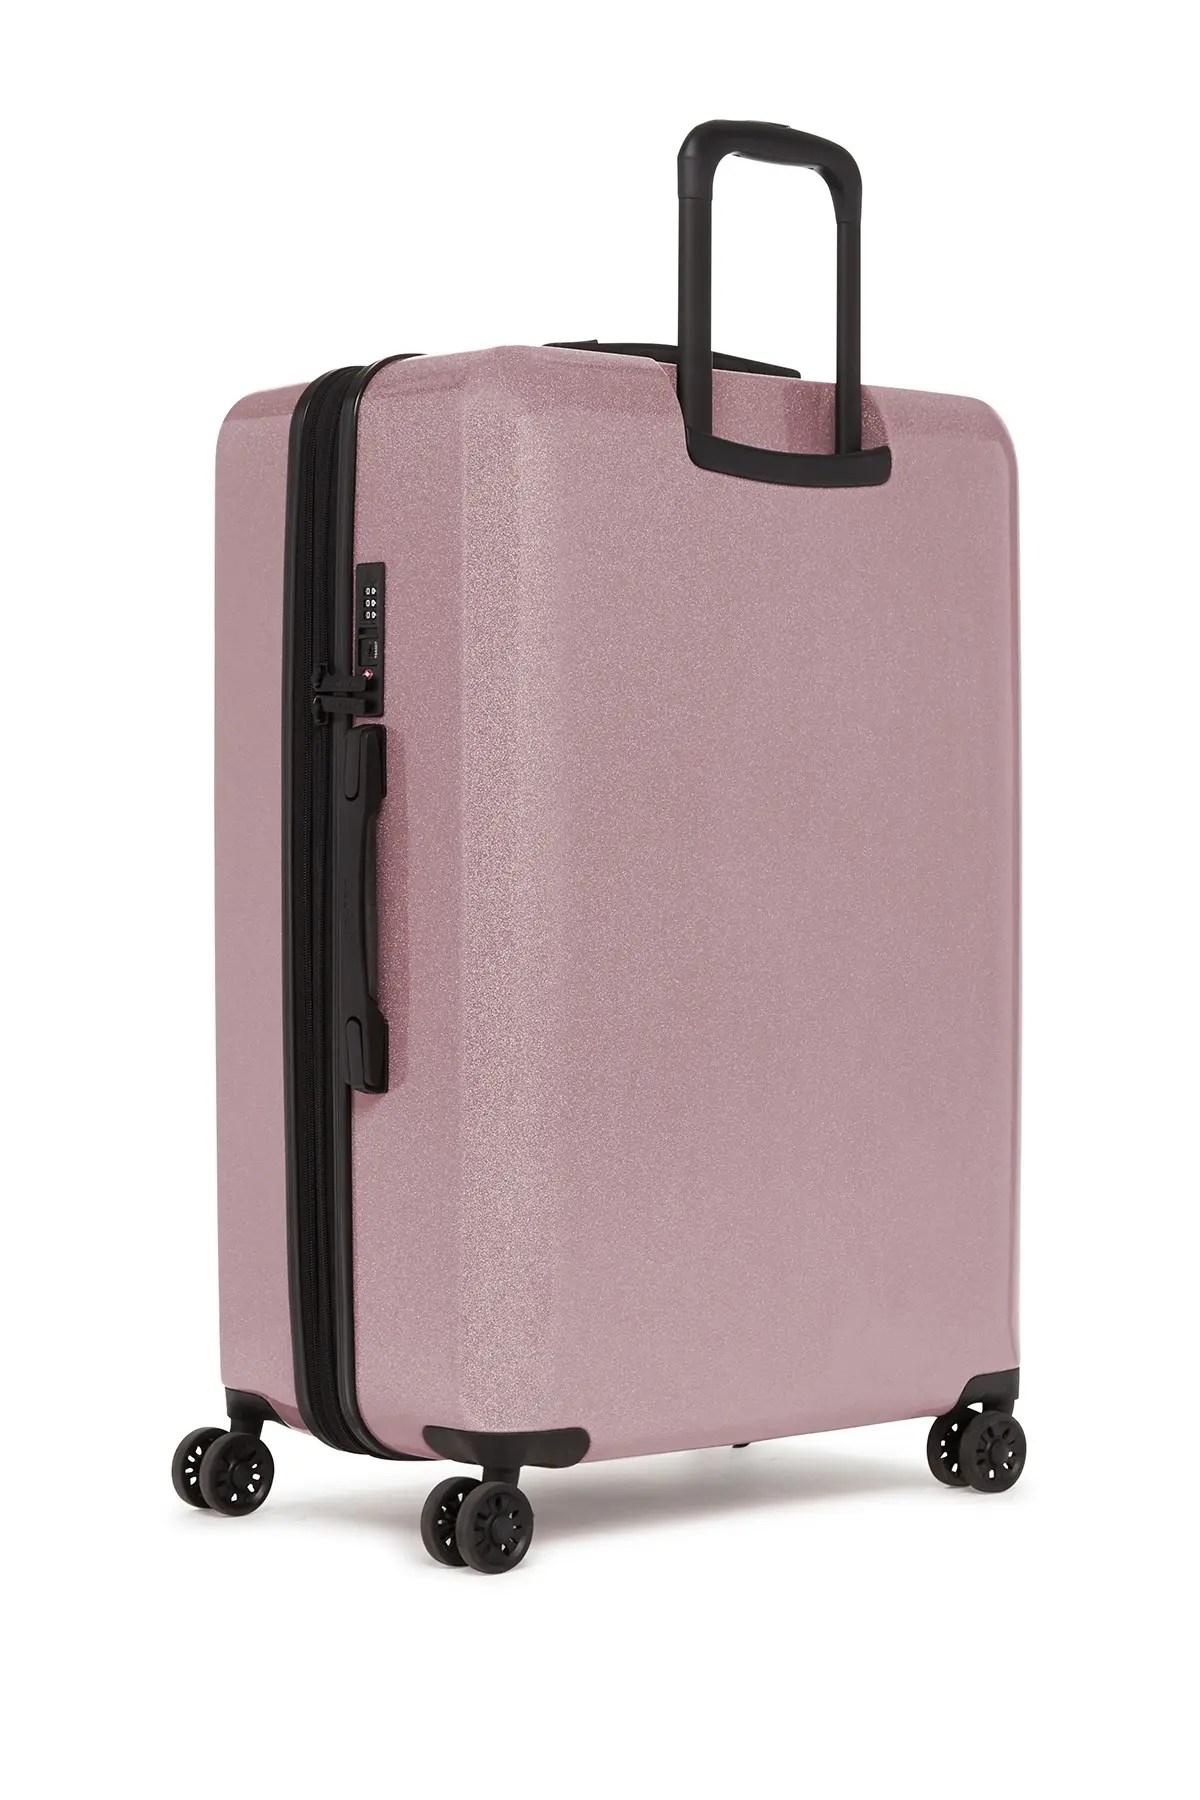 calpak luggage medora large hardside